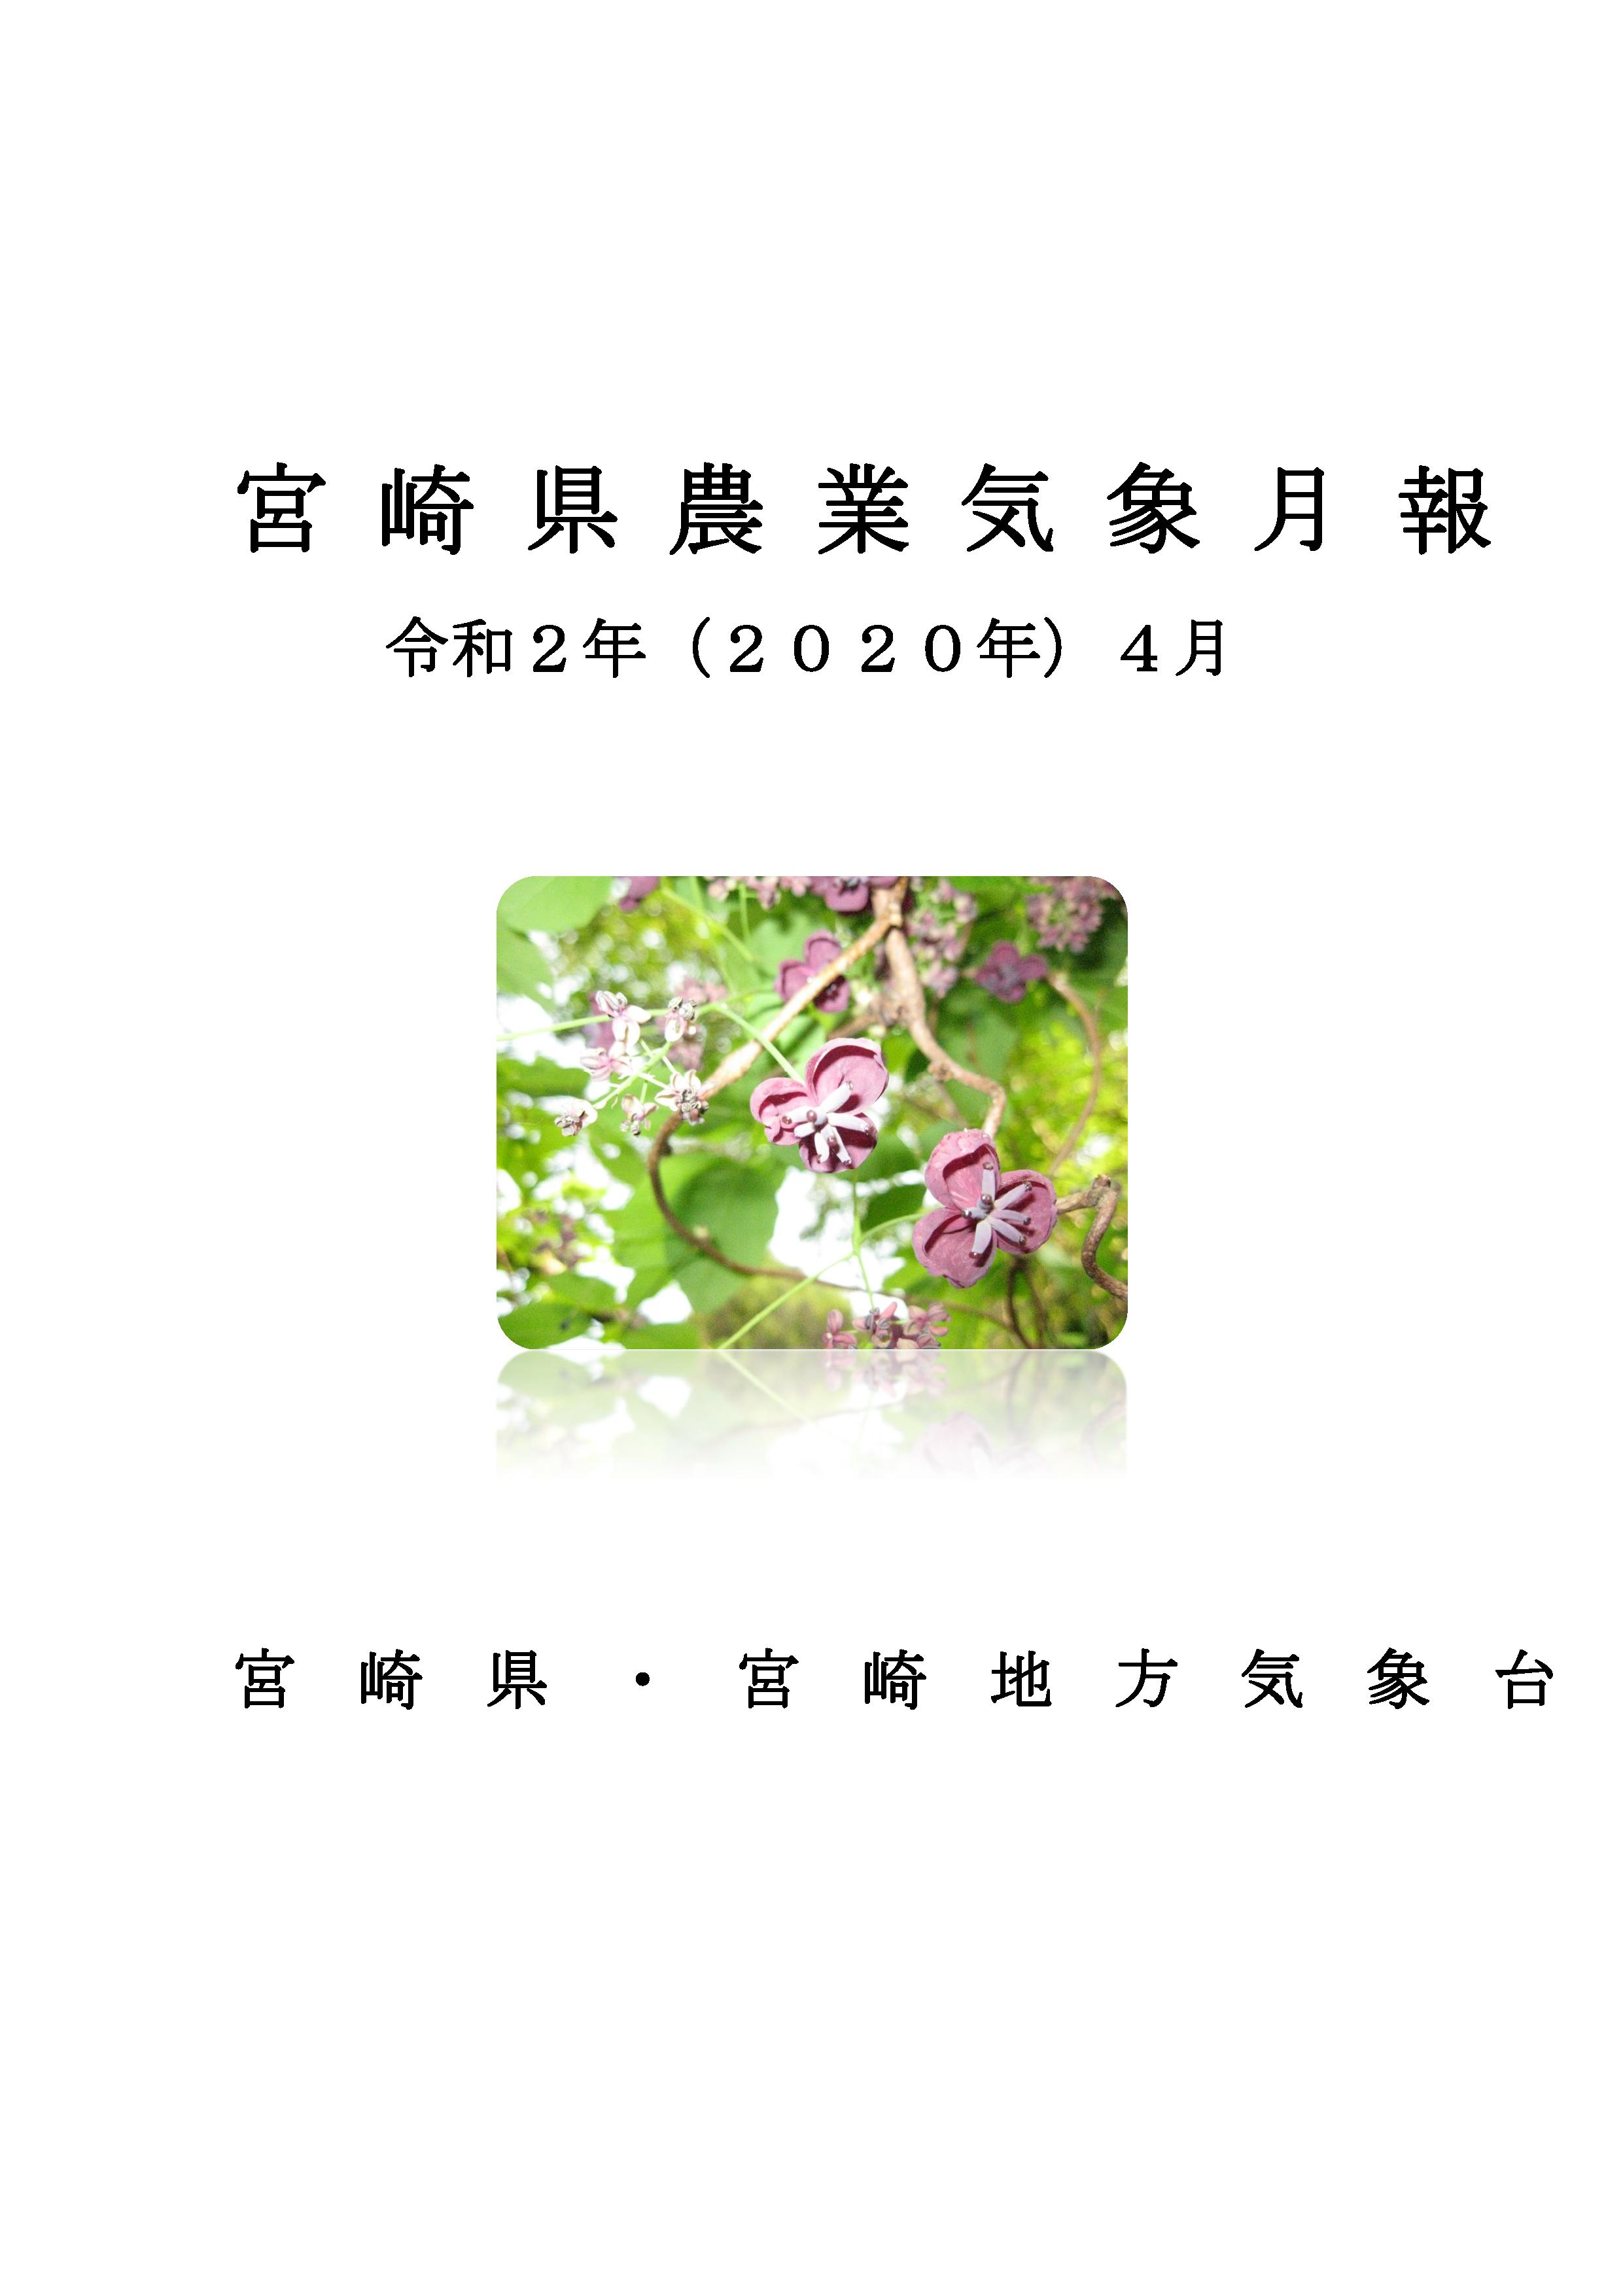 令和2年4月農業気象月報PDF